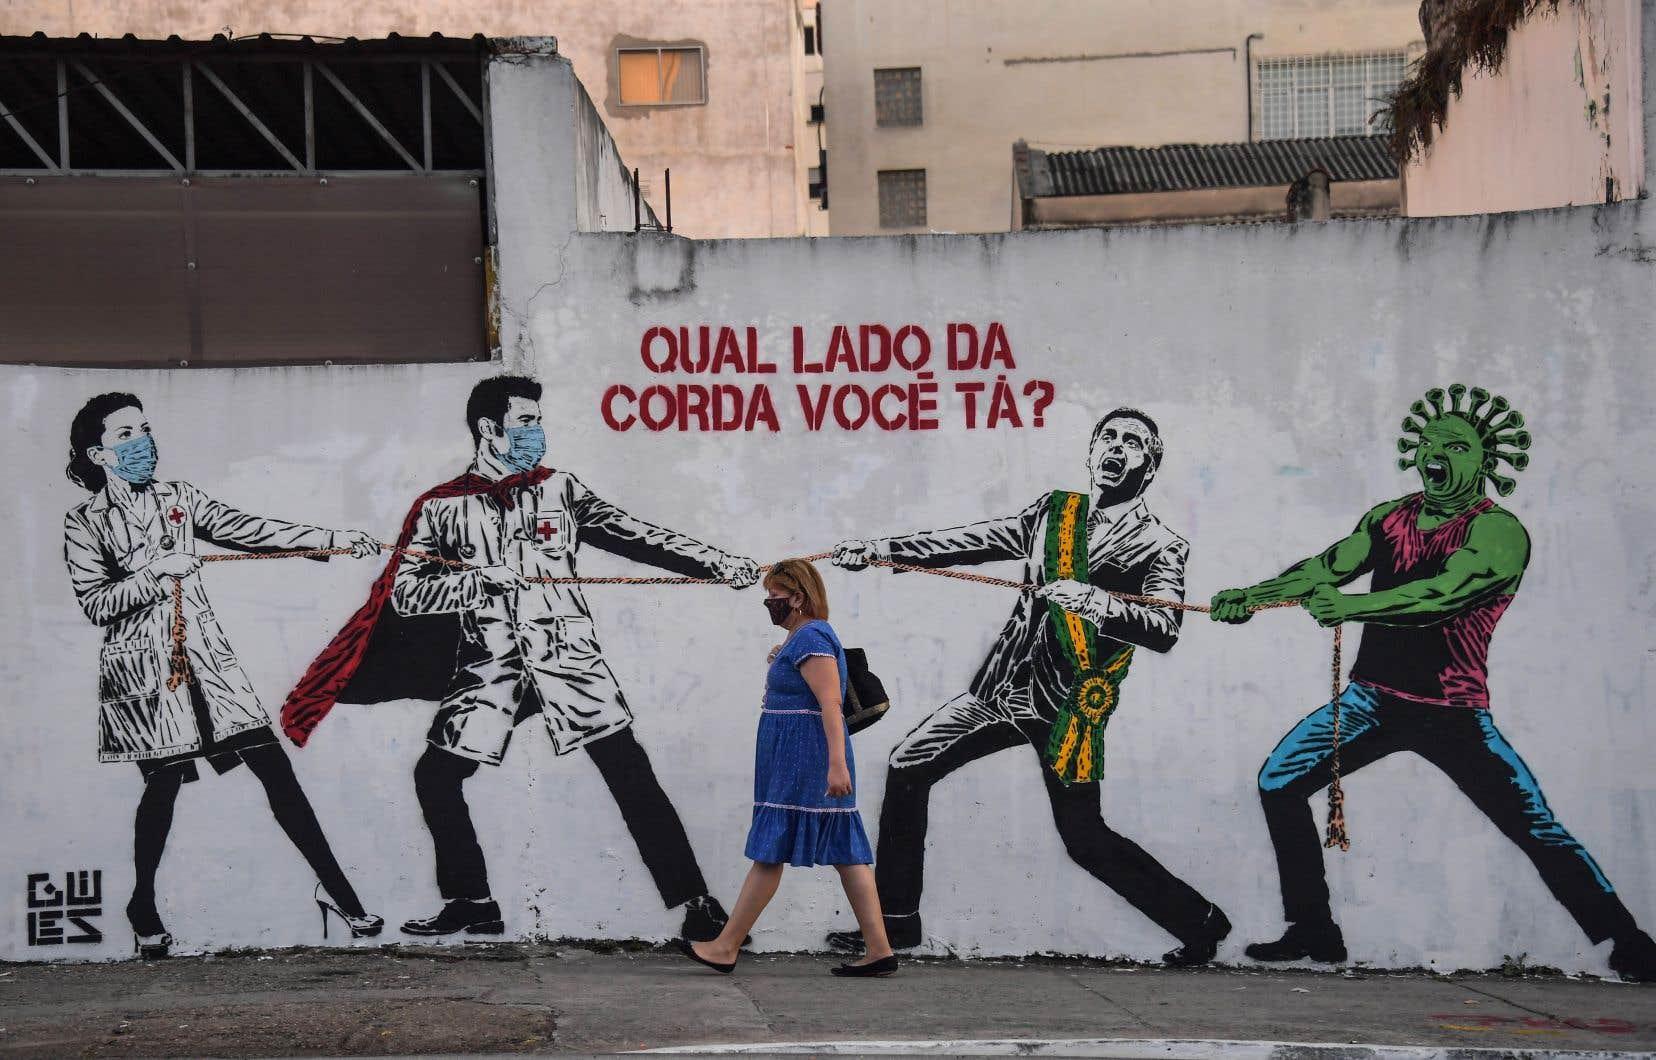 Sur une murale de São Paulo, on peut lire « De quel côté de la corde êtes-vous ? ».